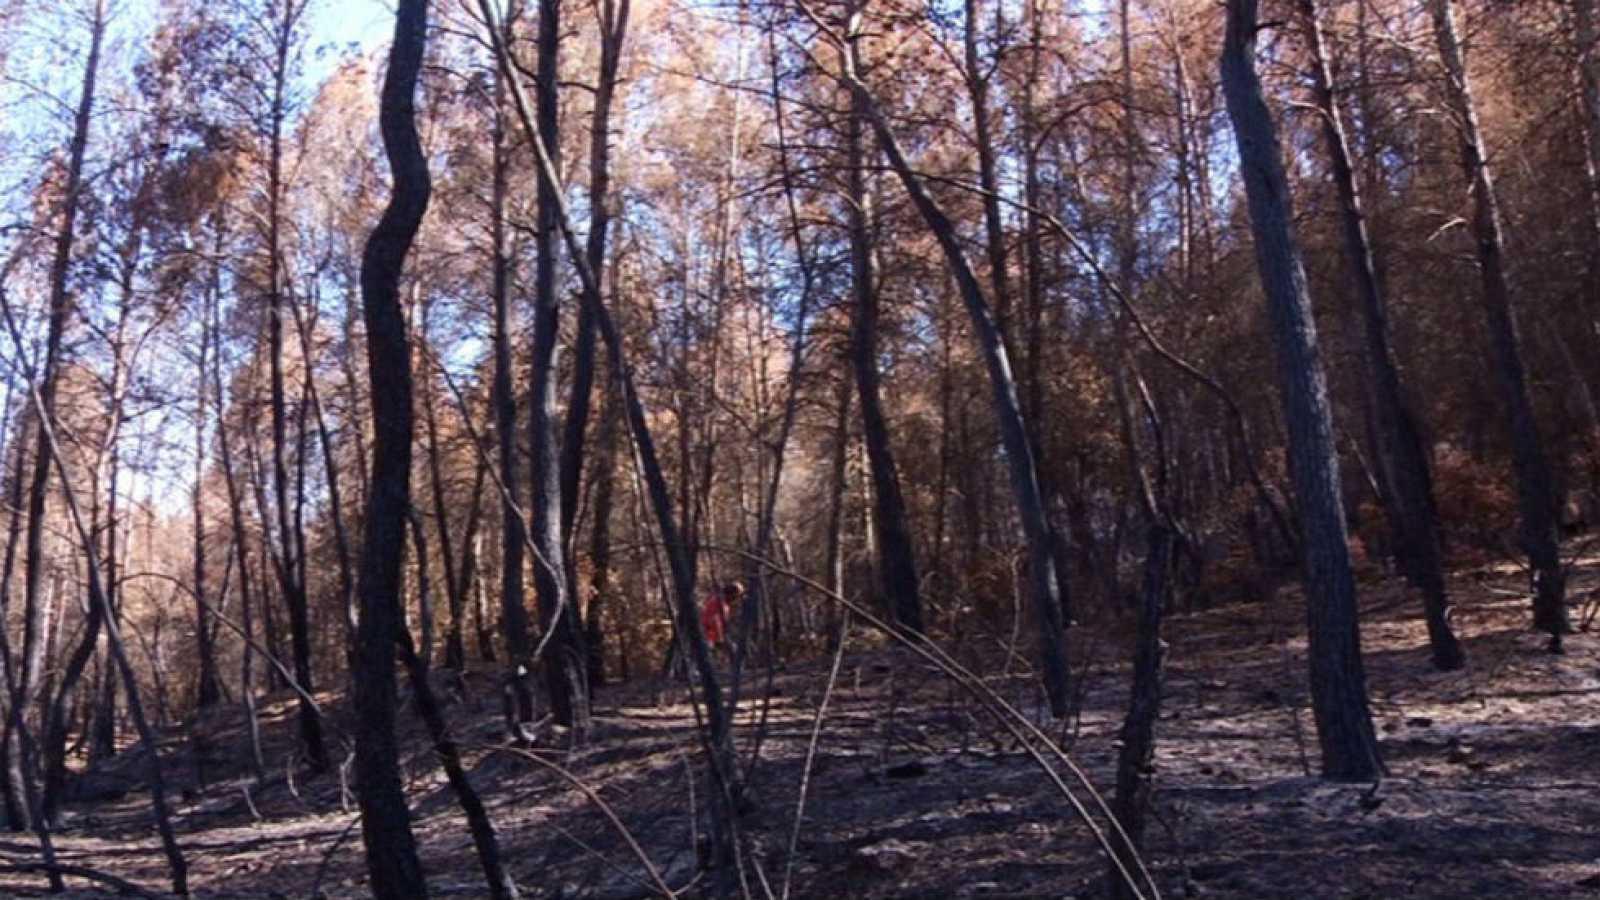 Tras un incendio extinguido, ¿qué puede ocurrir?